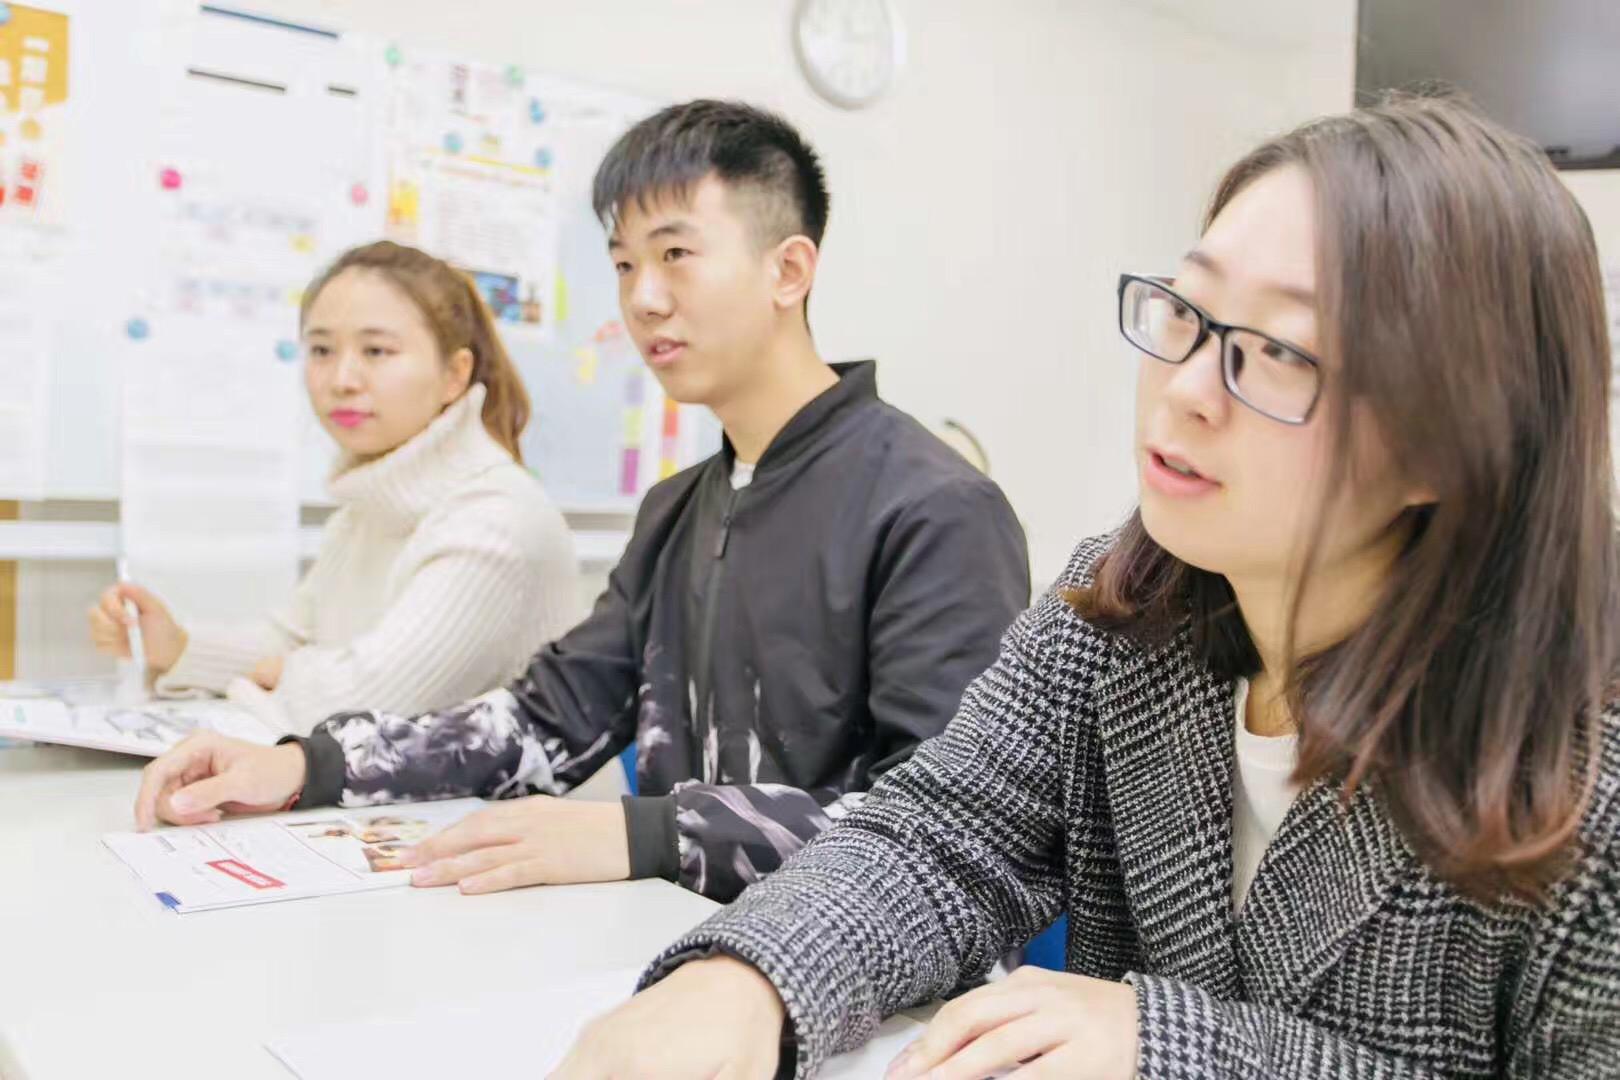 赴日留学中的各种考试,我们要如何应对?